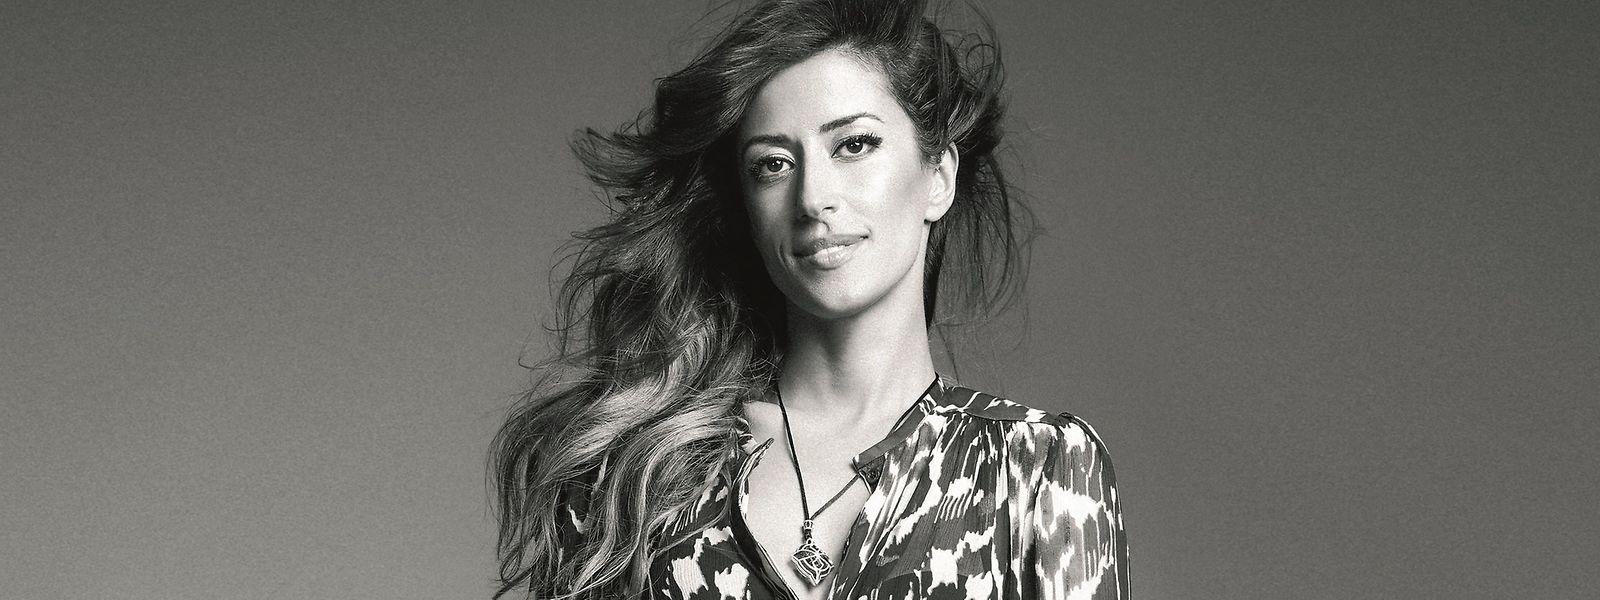 Ana Moura.